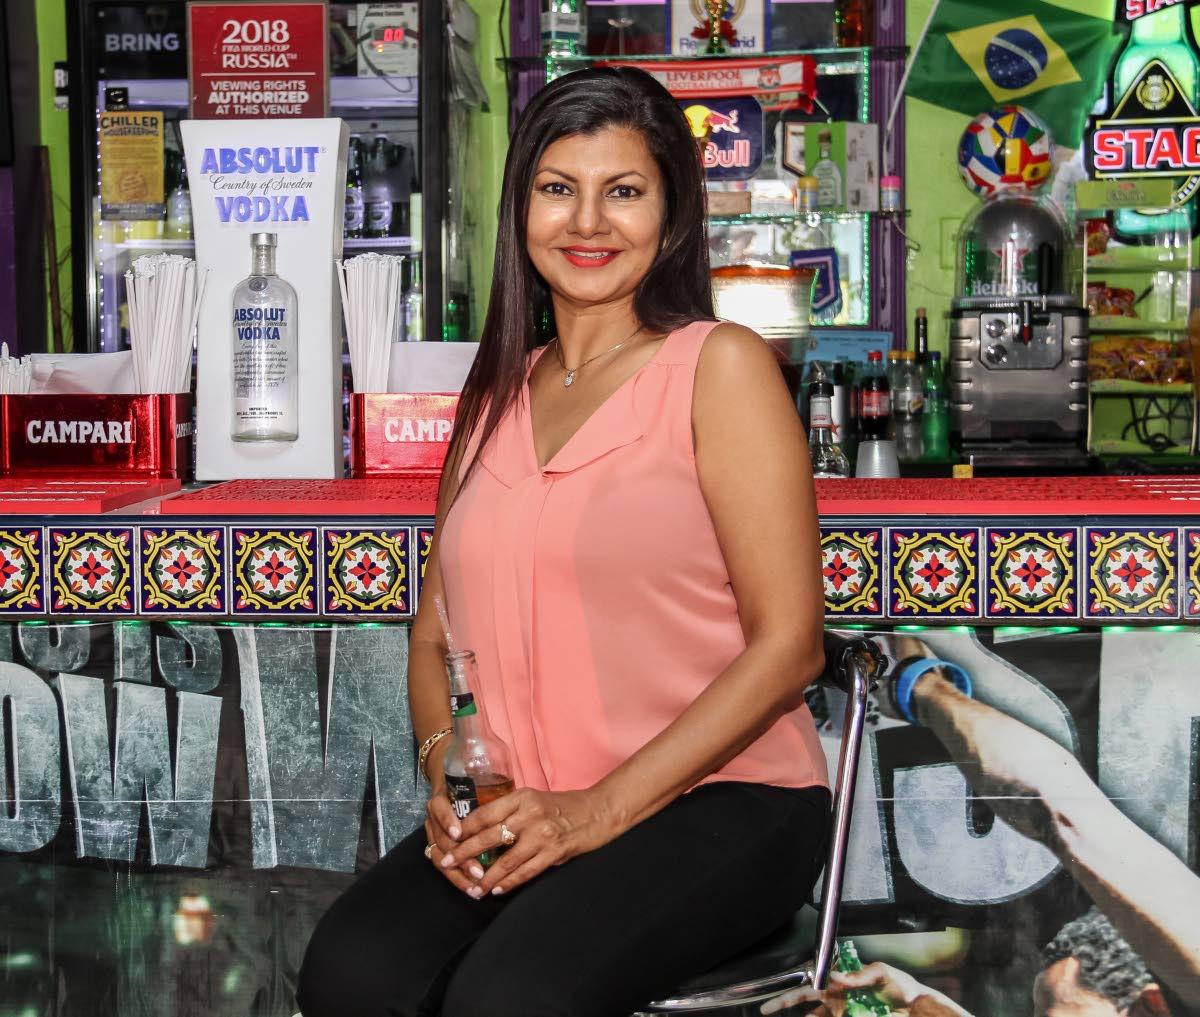 Lisa McKenzie sits in the pub co-founded by her husband, Ricardo 'Smokey' McKenzie. Photo by Jeff K Mayers